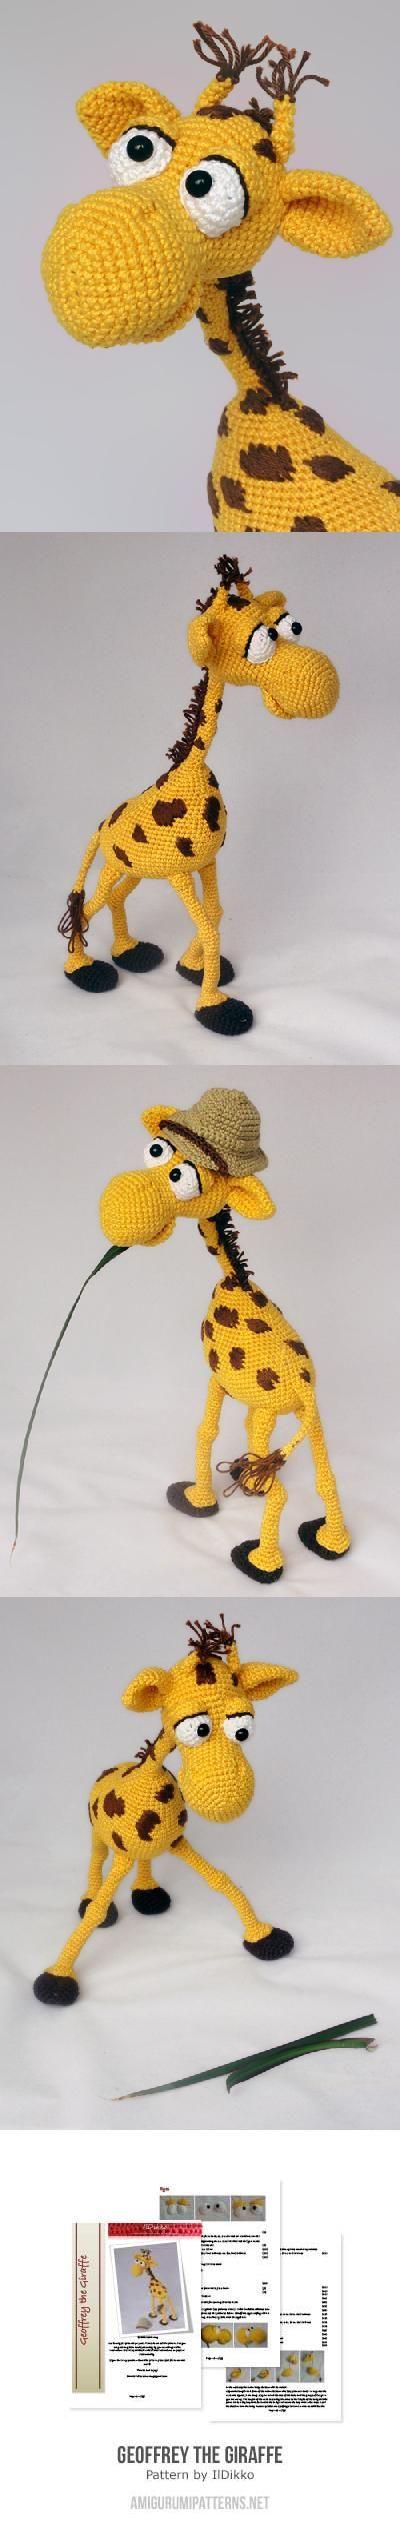 Geoffrey the giraffe amigurumi pattern by IlDikko   Pinterest ...